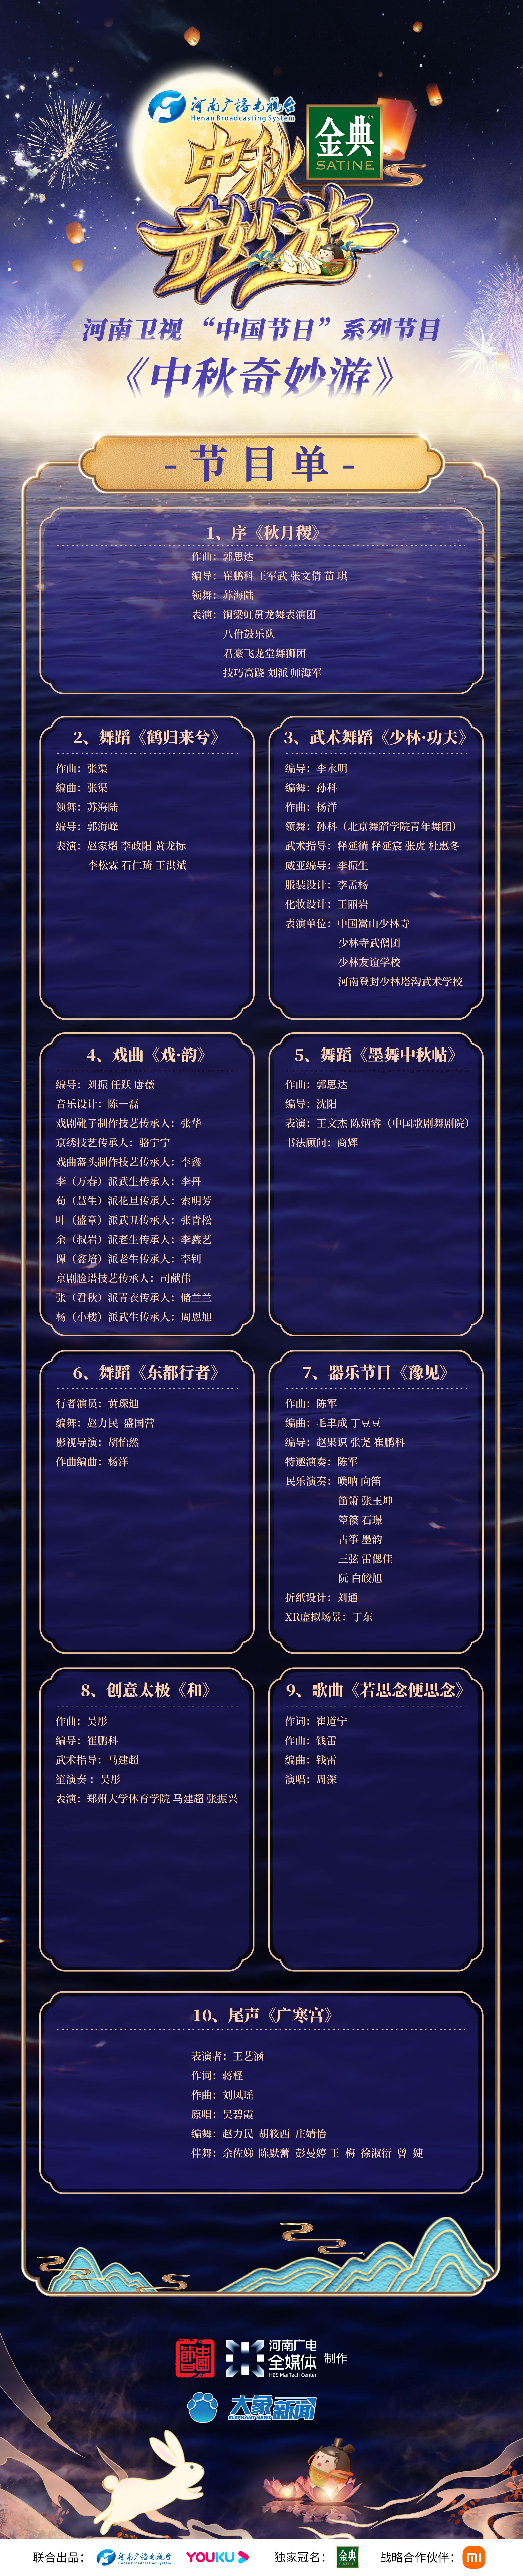 《中秋奇妙游》节目单公布:10个节目更尽兴!